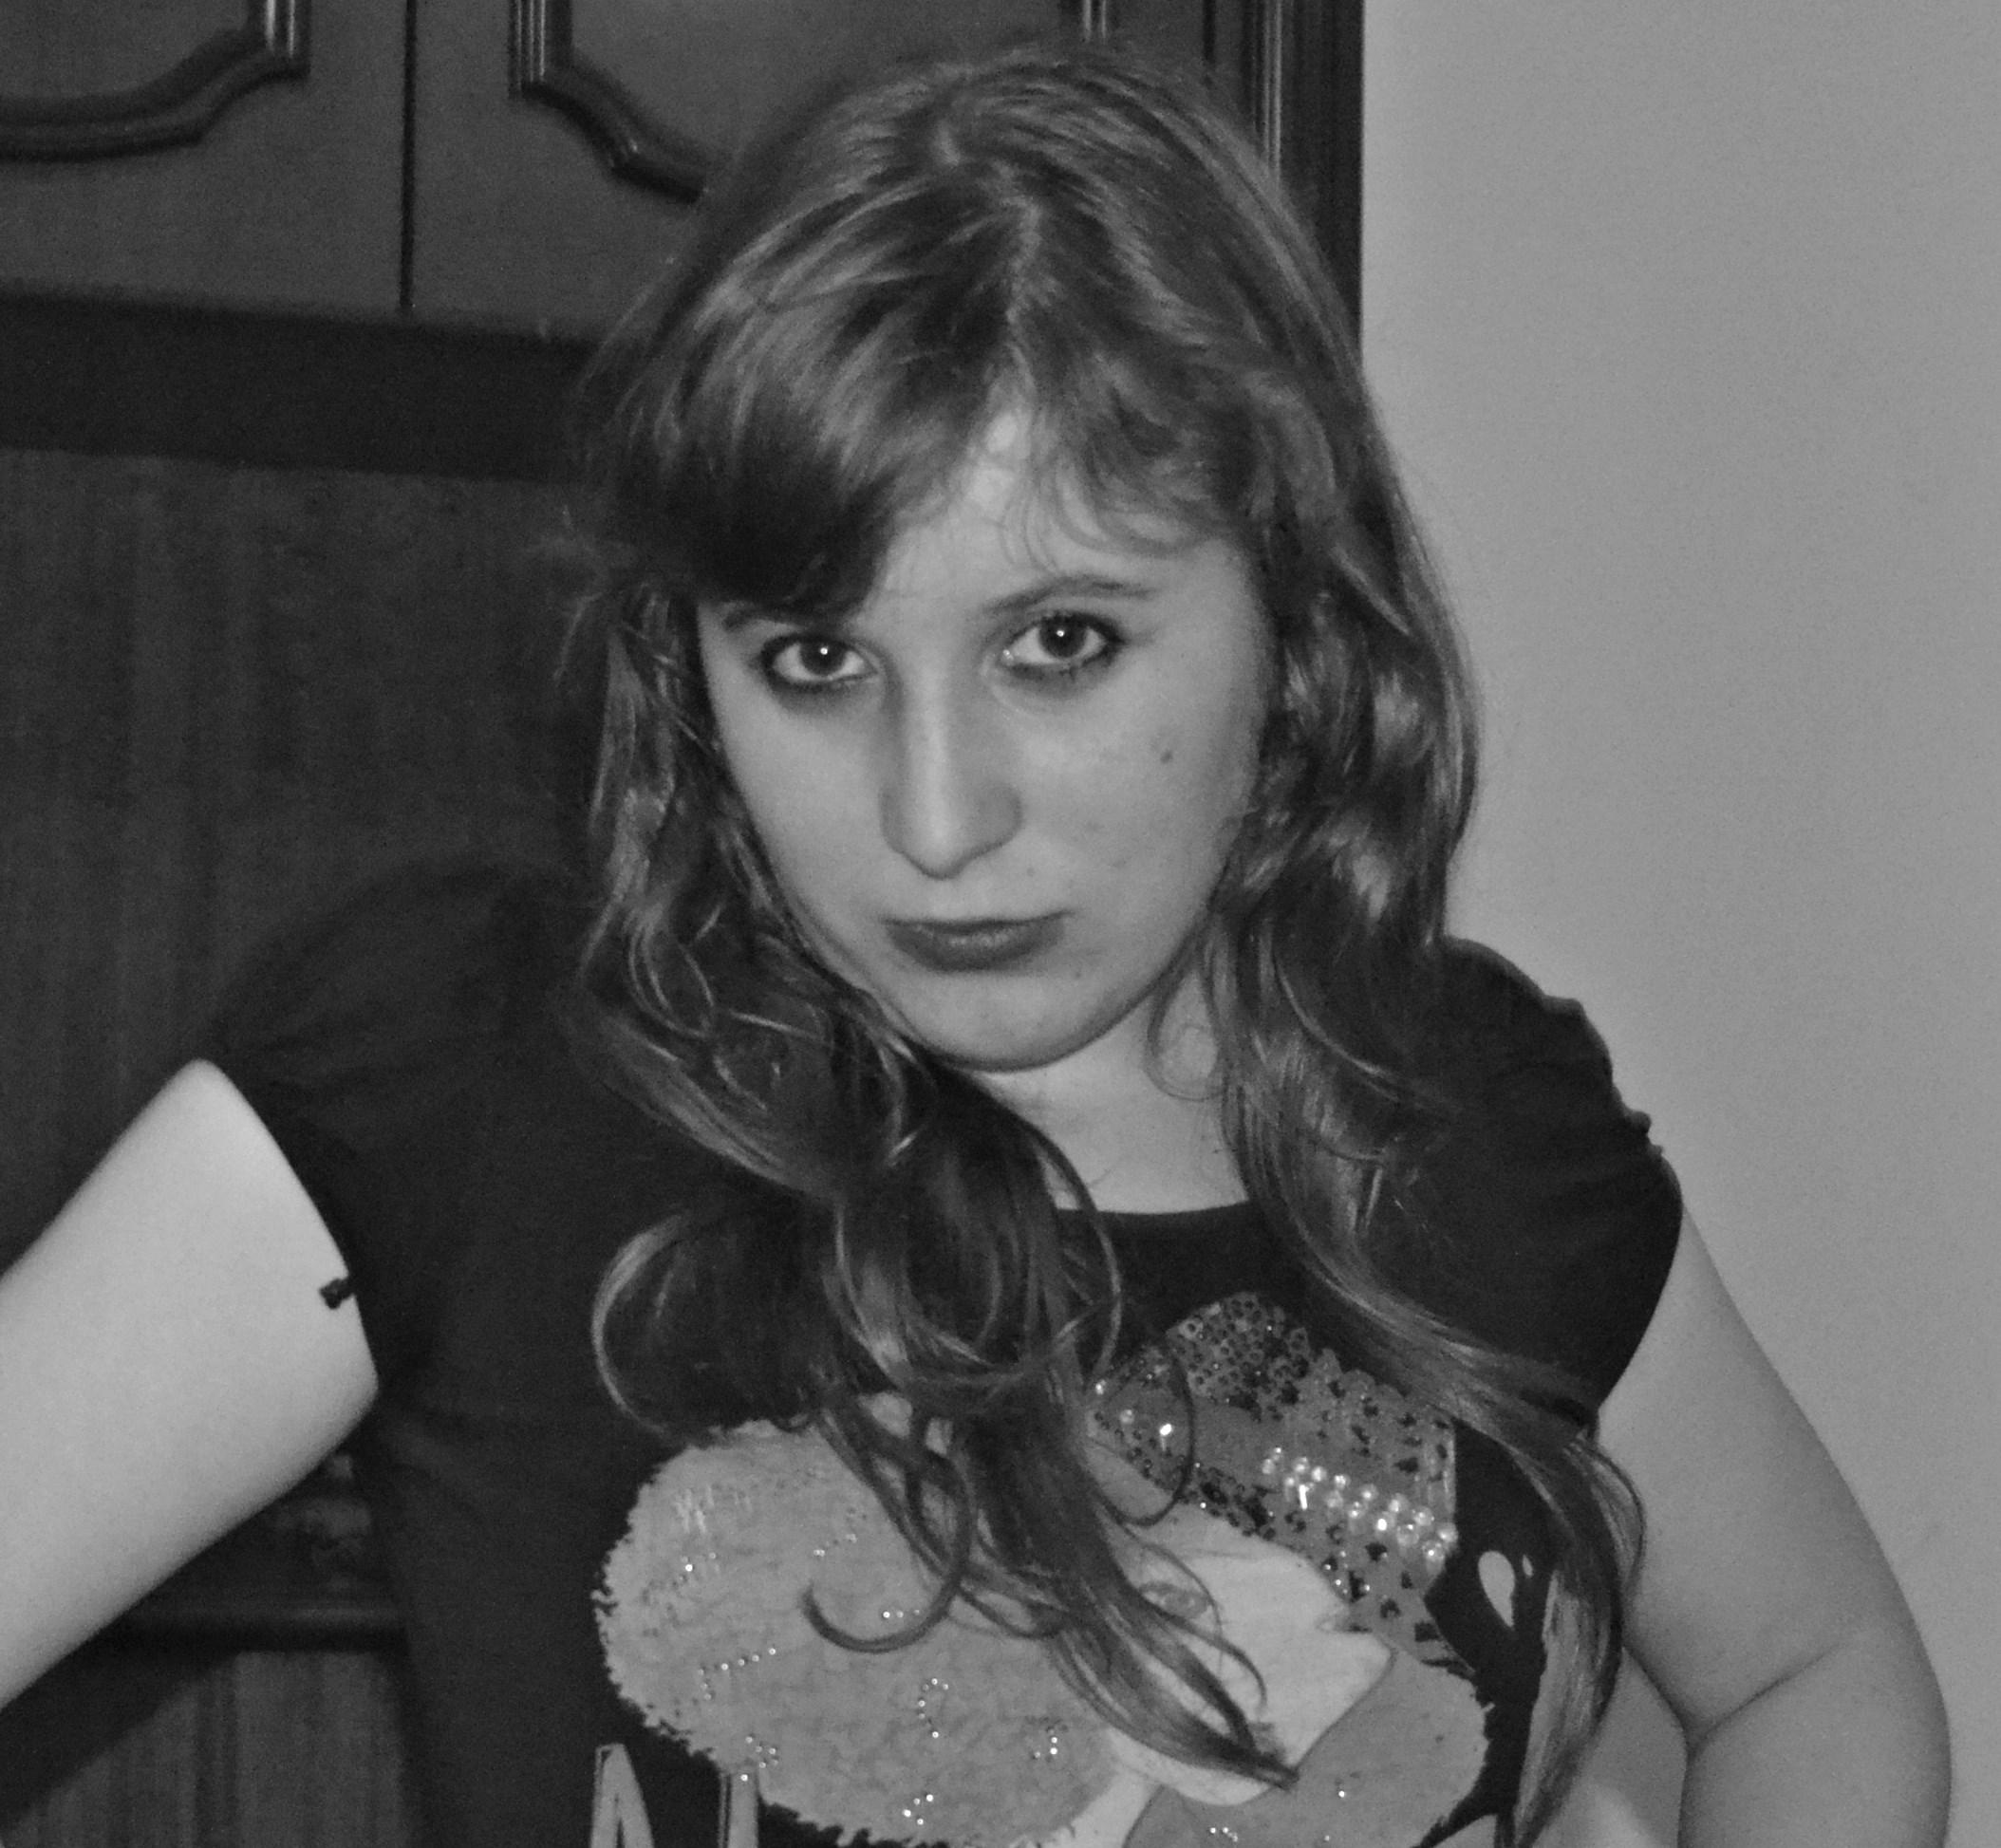 Noelia Casalderrey Carballal